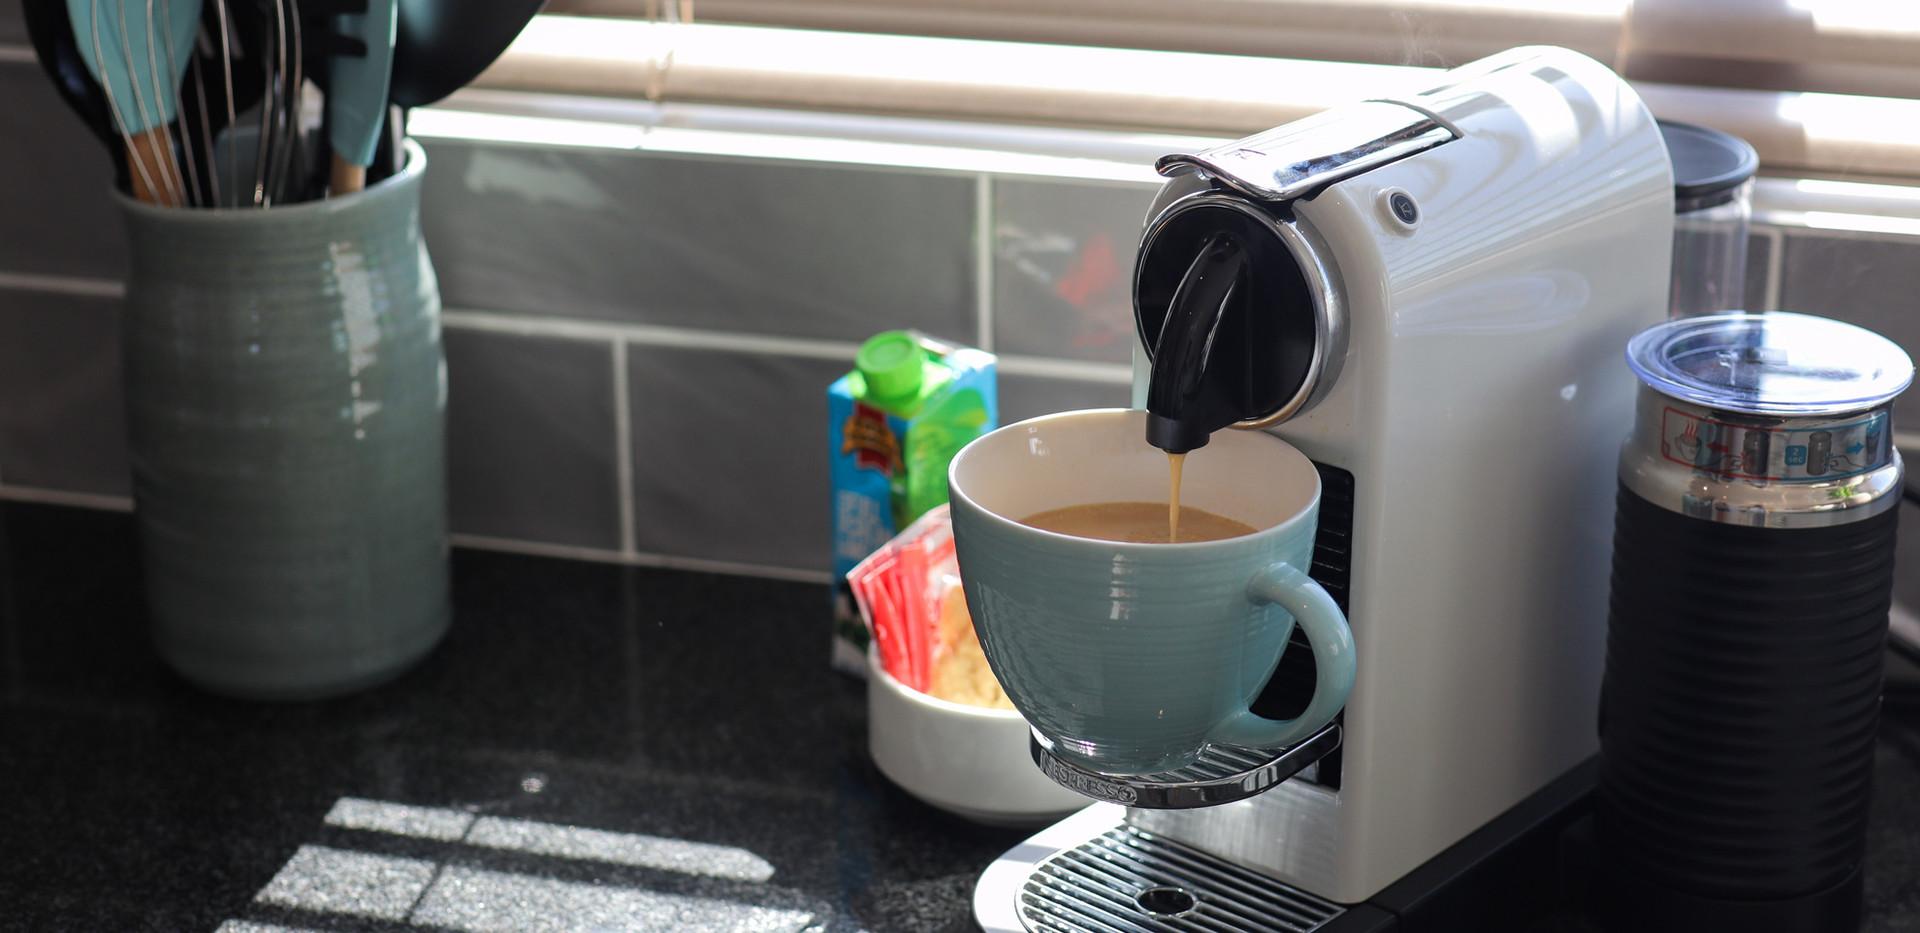 UNIT8_nespresso-machine.jpg